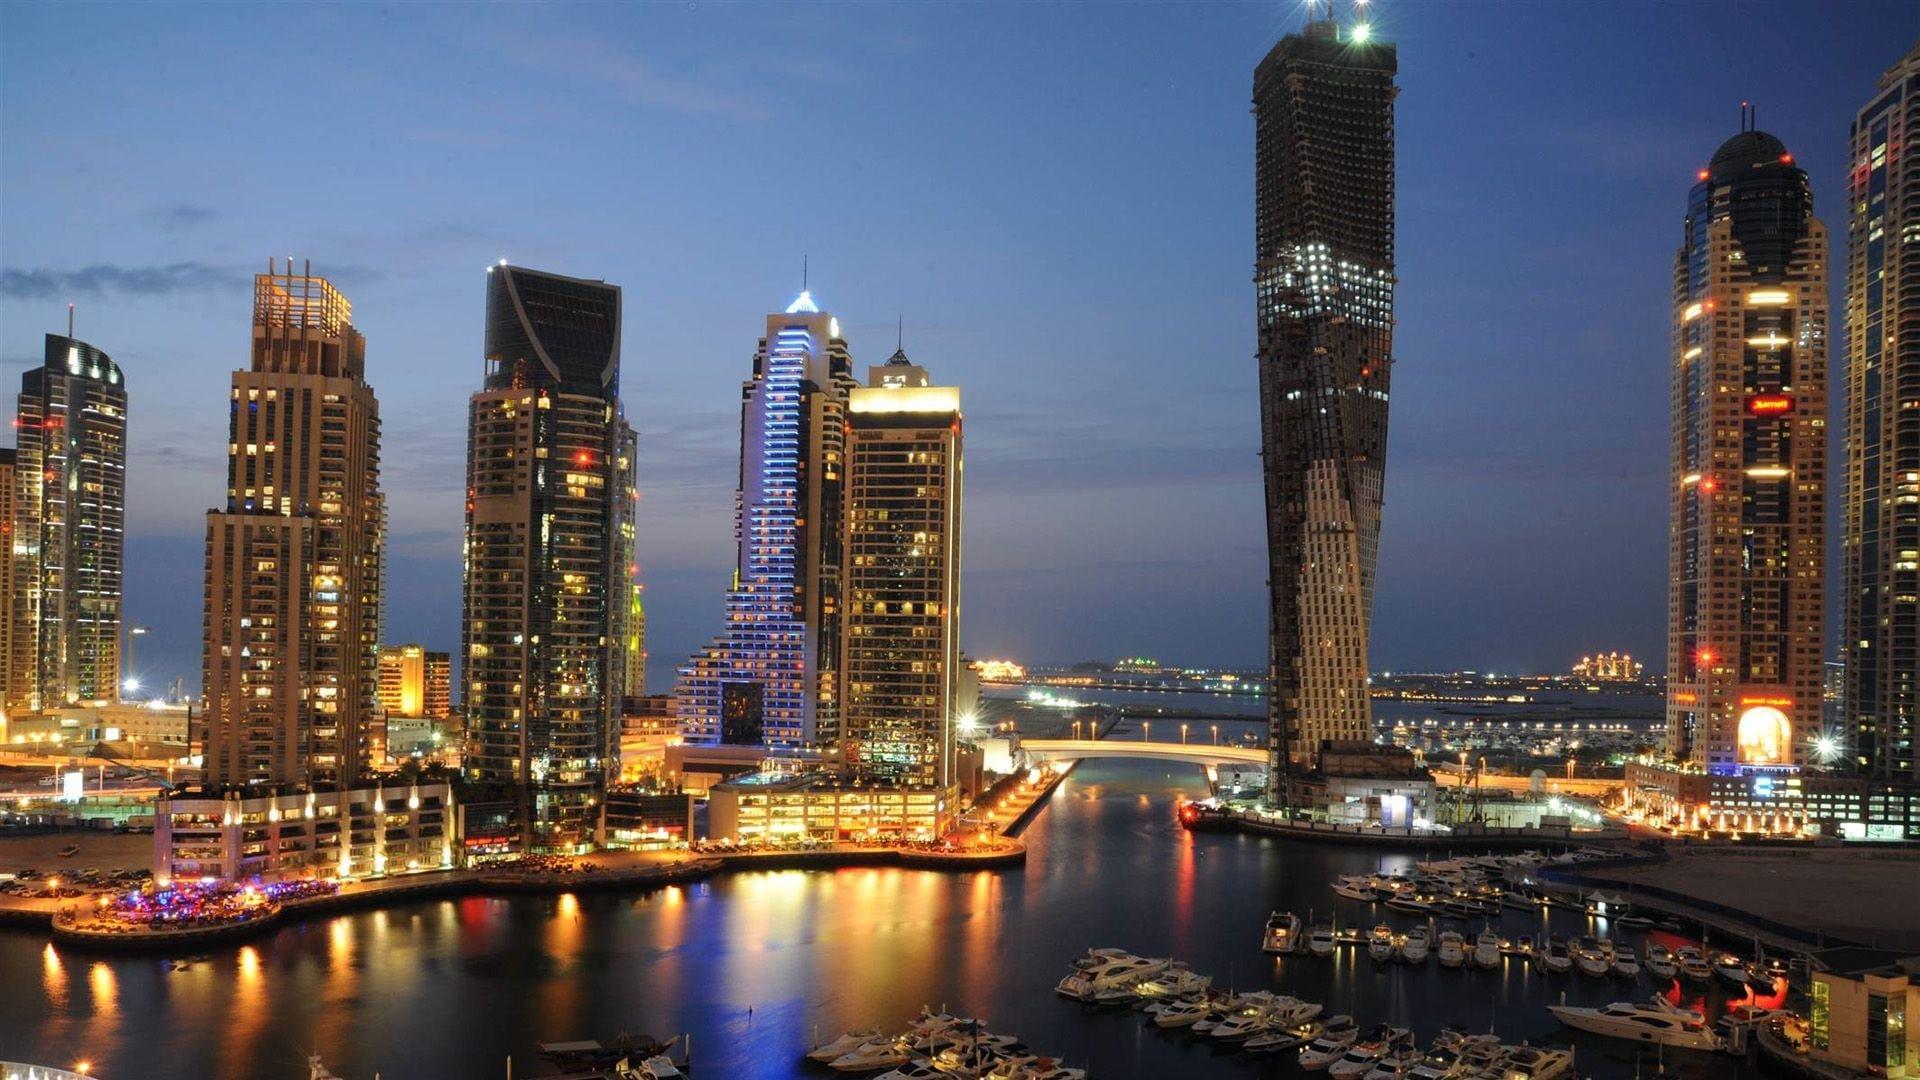 Горящий тур в ОАЭ по цене перелета. Тур в Дубай на 5 ночей всего за 17 798 р., вылет 31 мая.